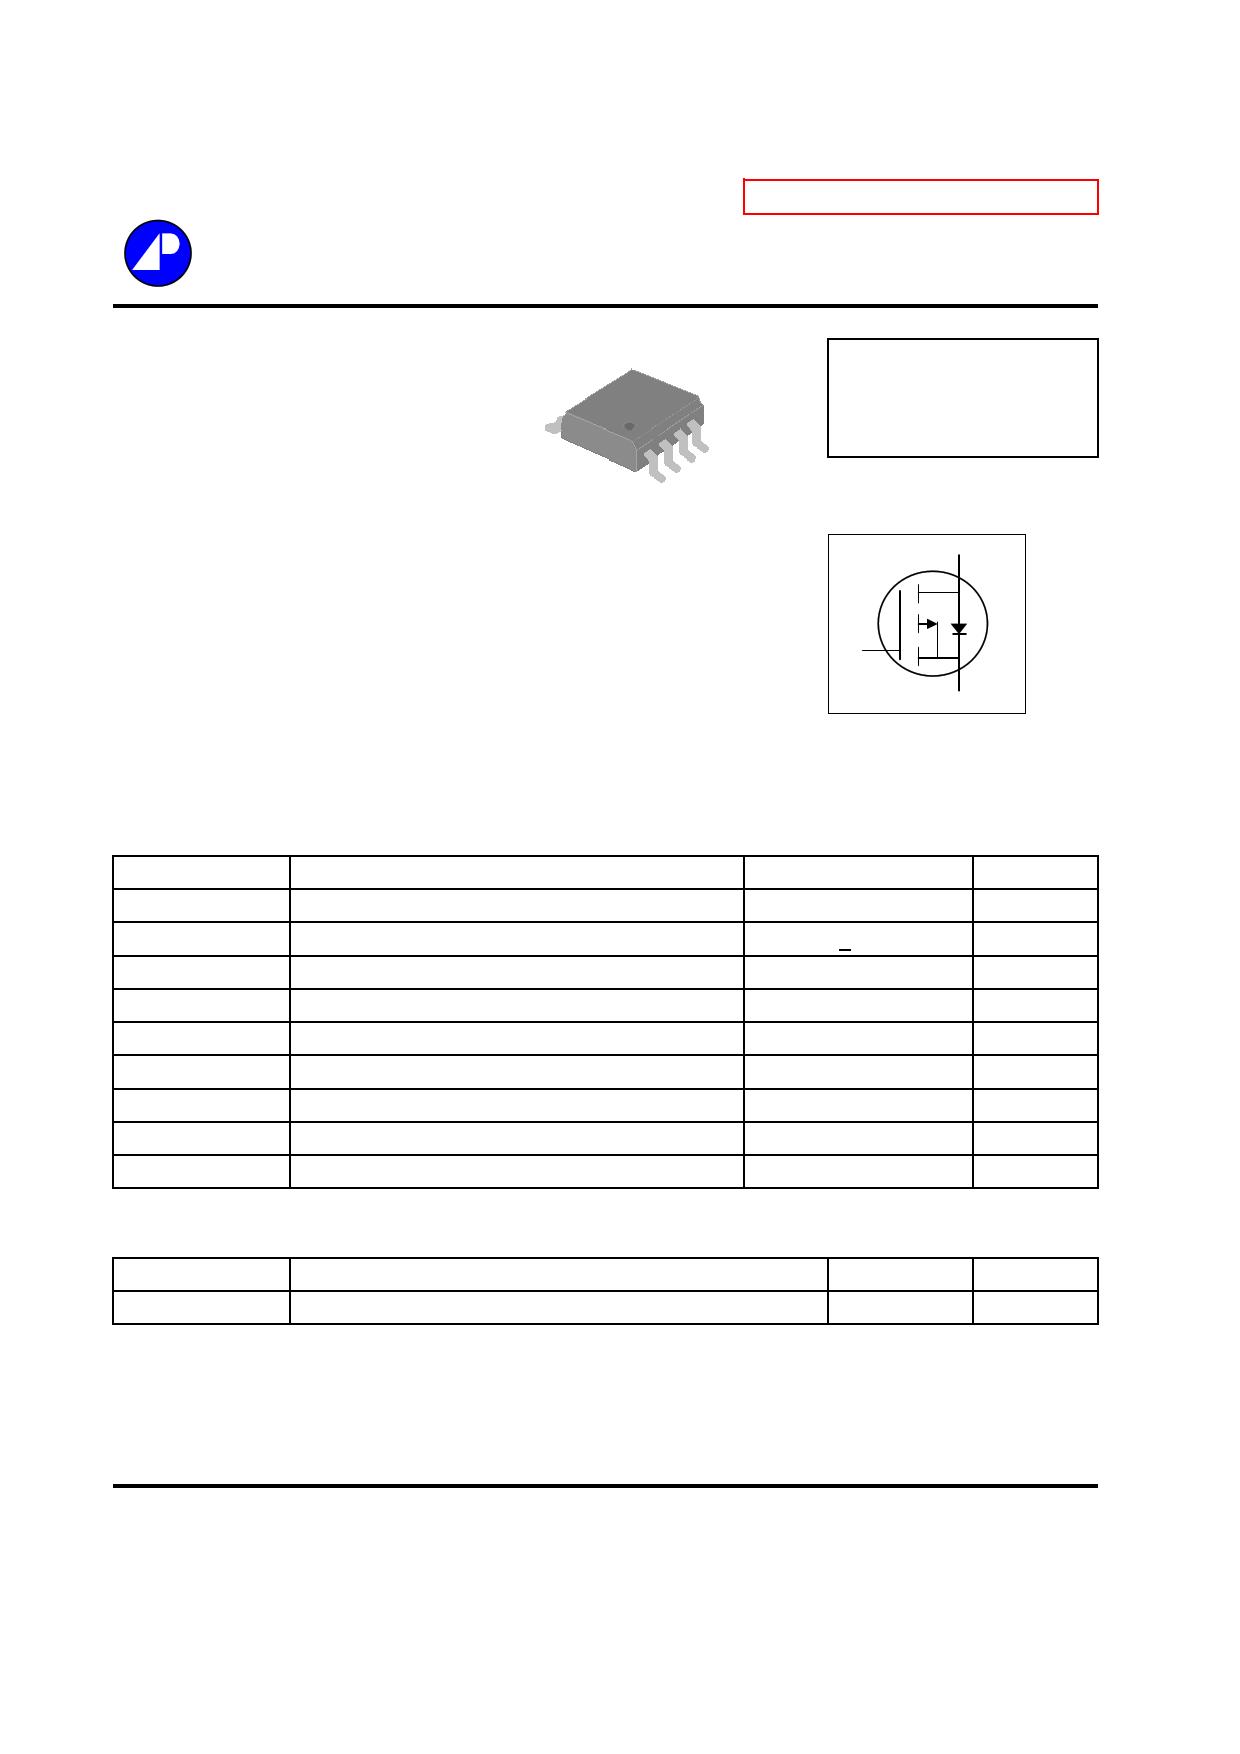 AP4435GM-HF datasheet, circuit